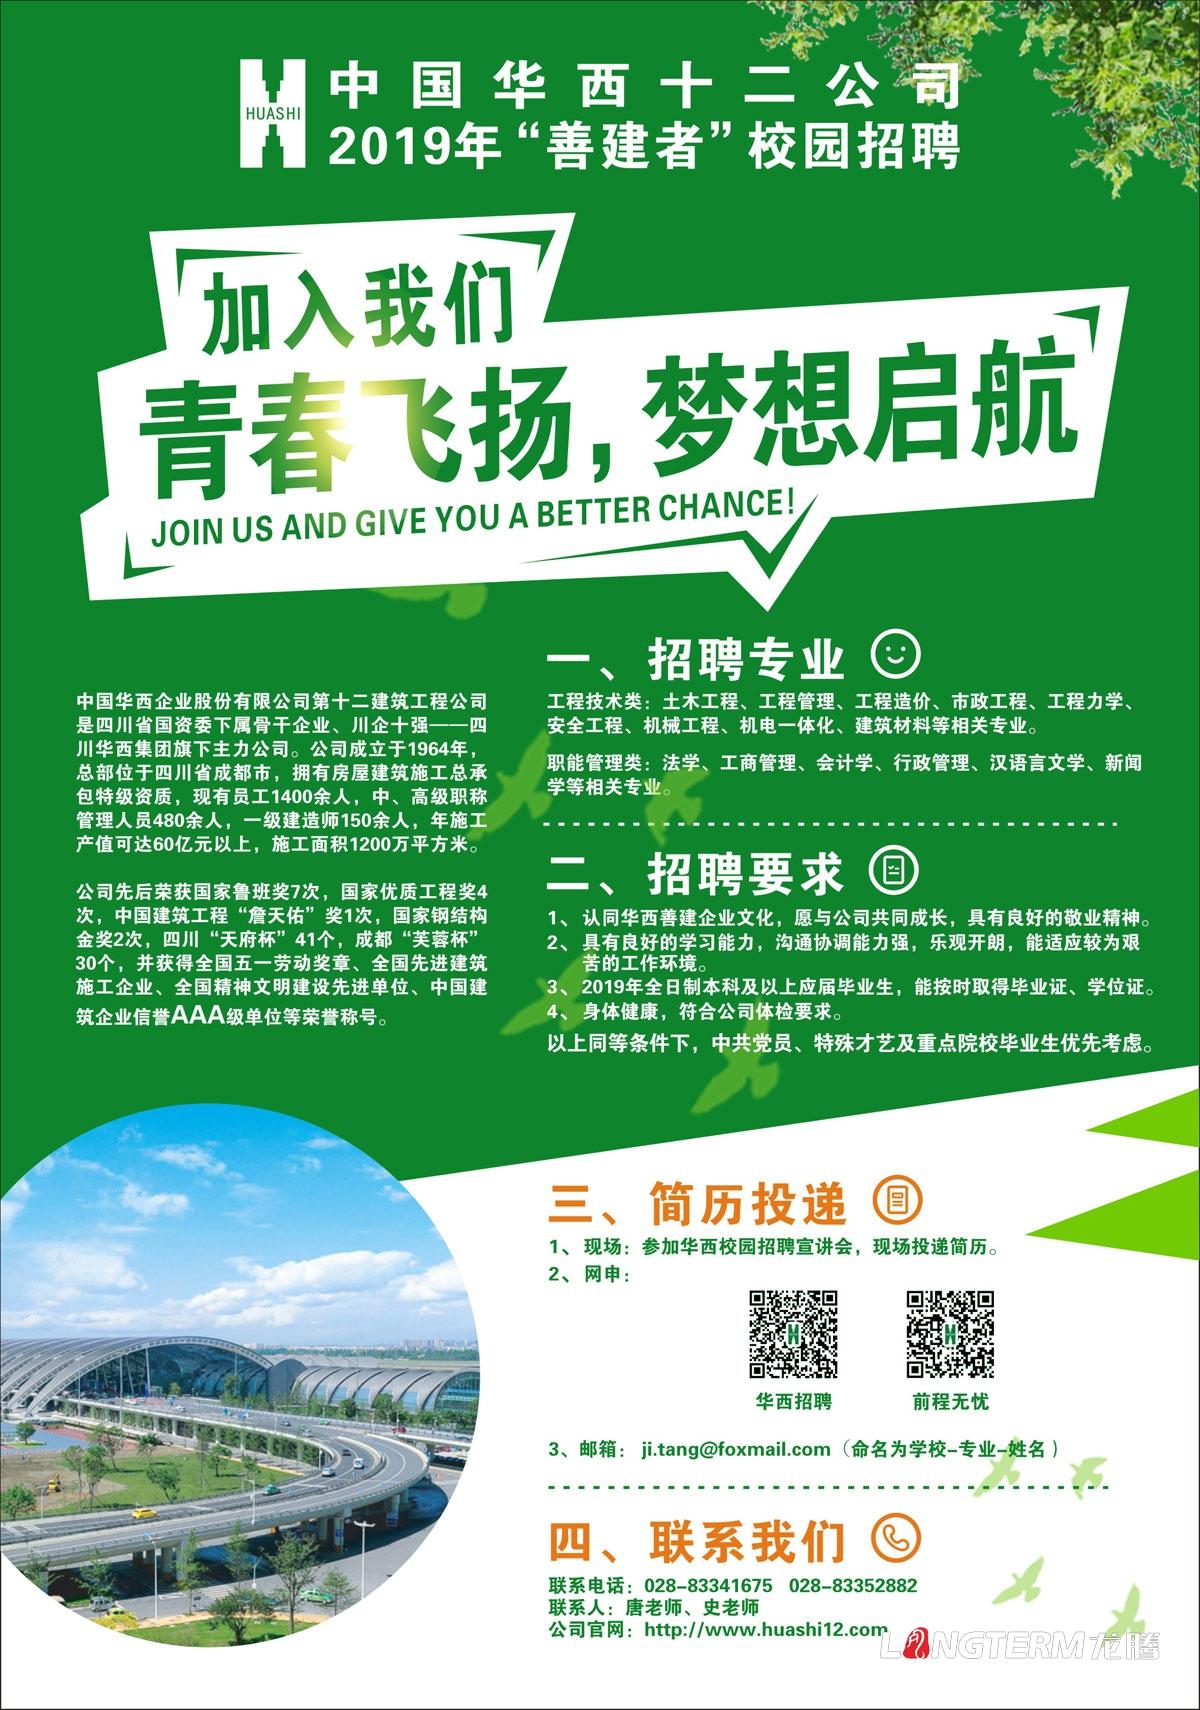 中国华西十二公司校园招聘海报设计_华西建筑公司招聘单页海报展板画面设计